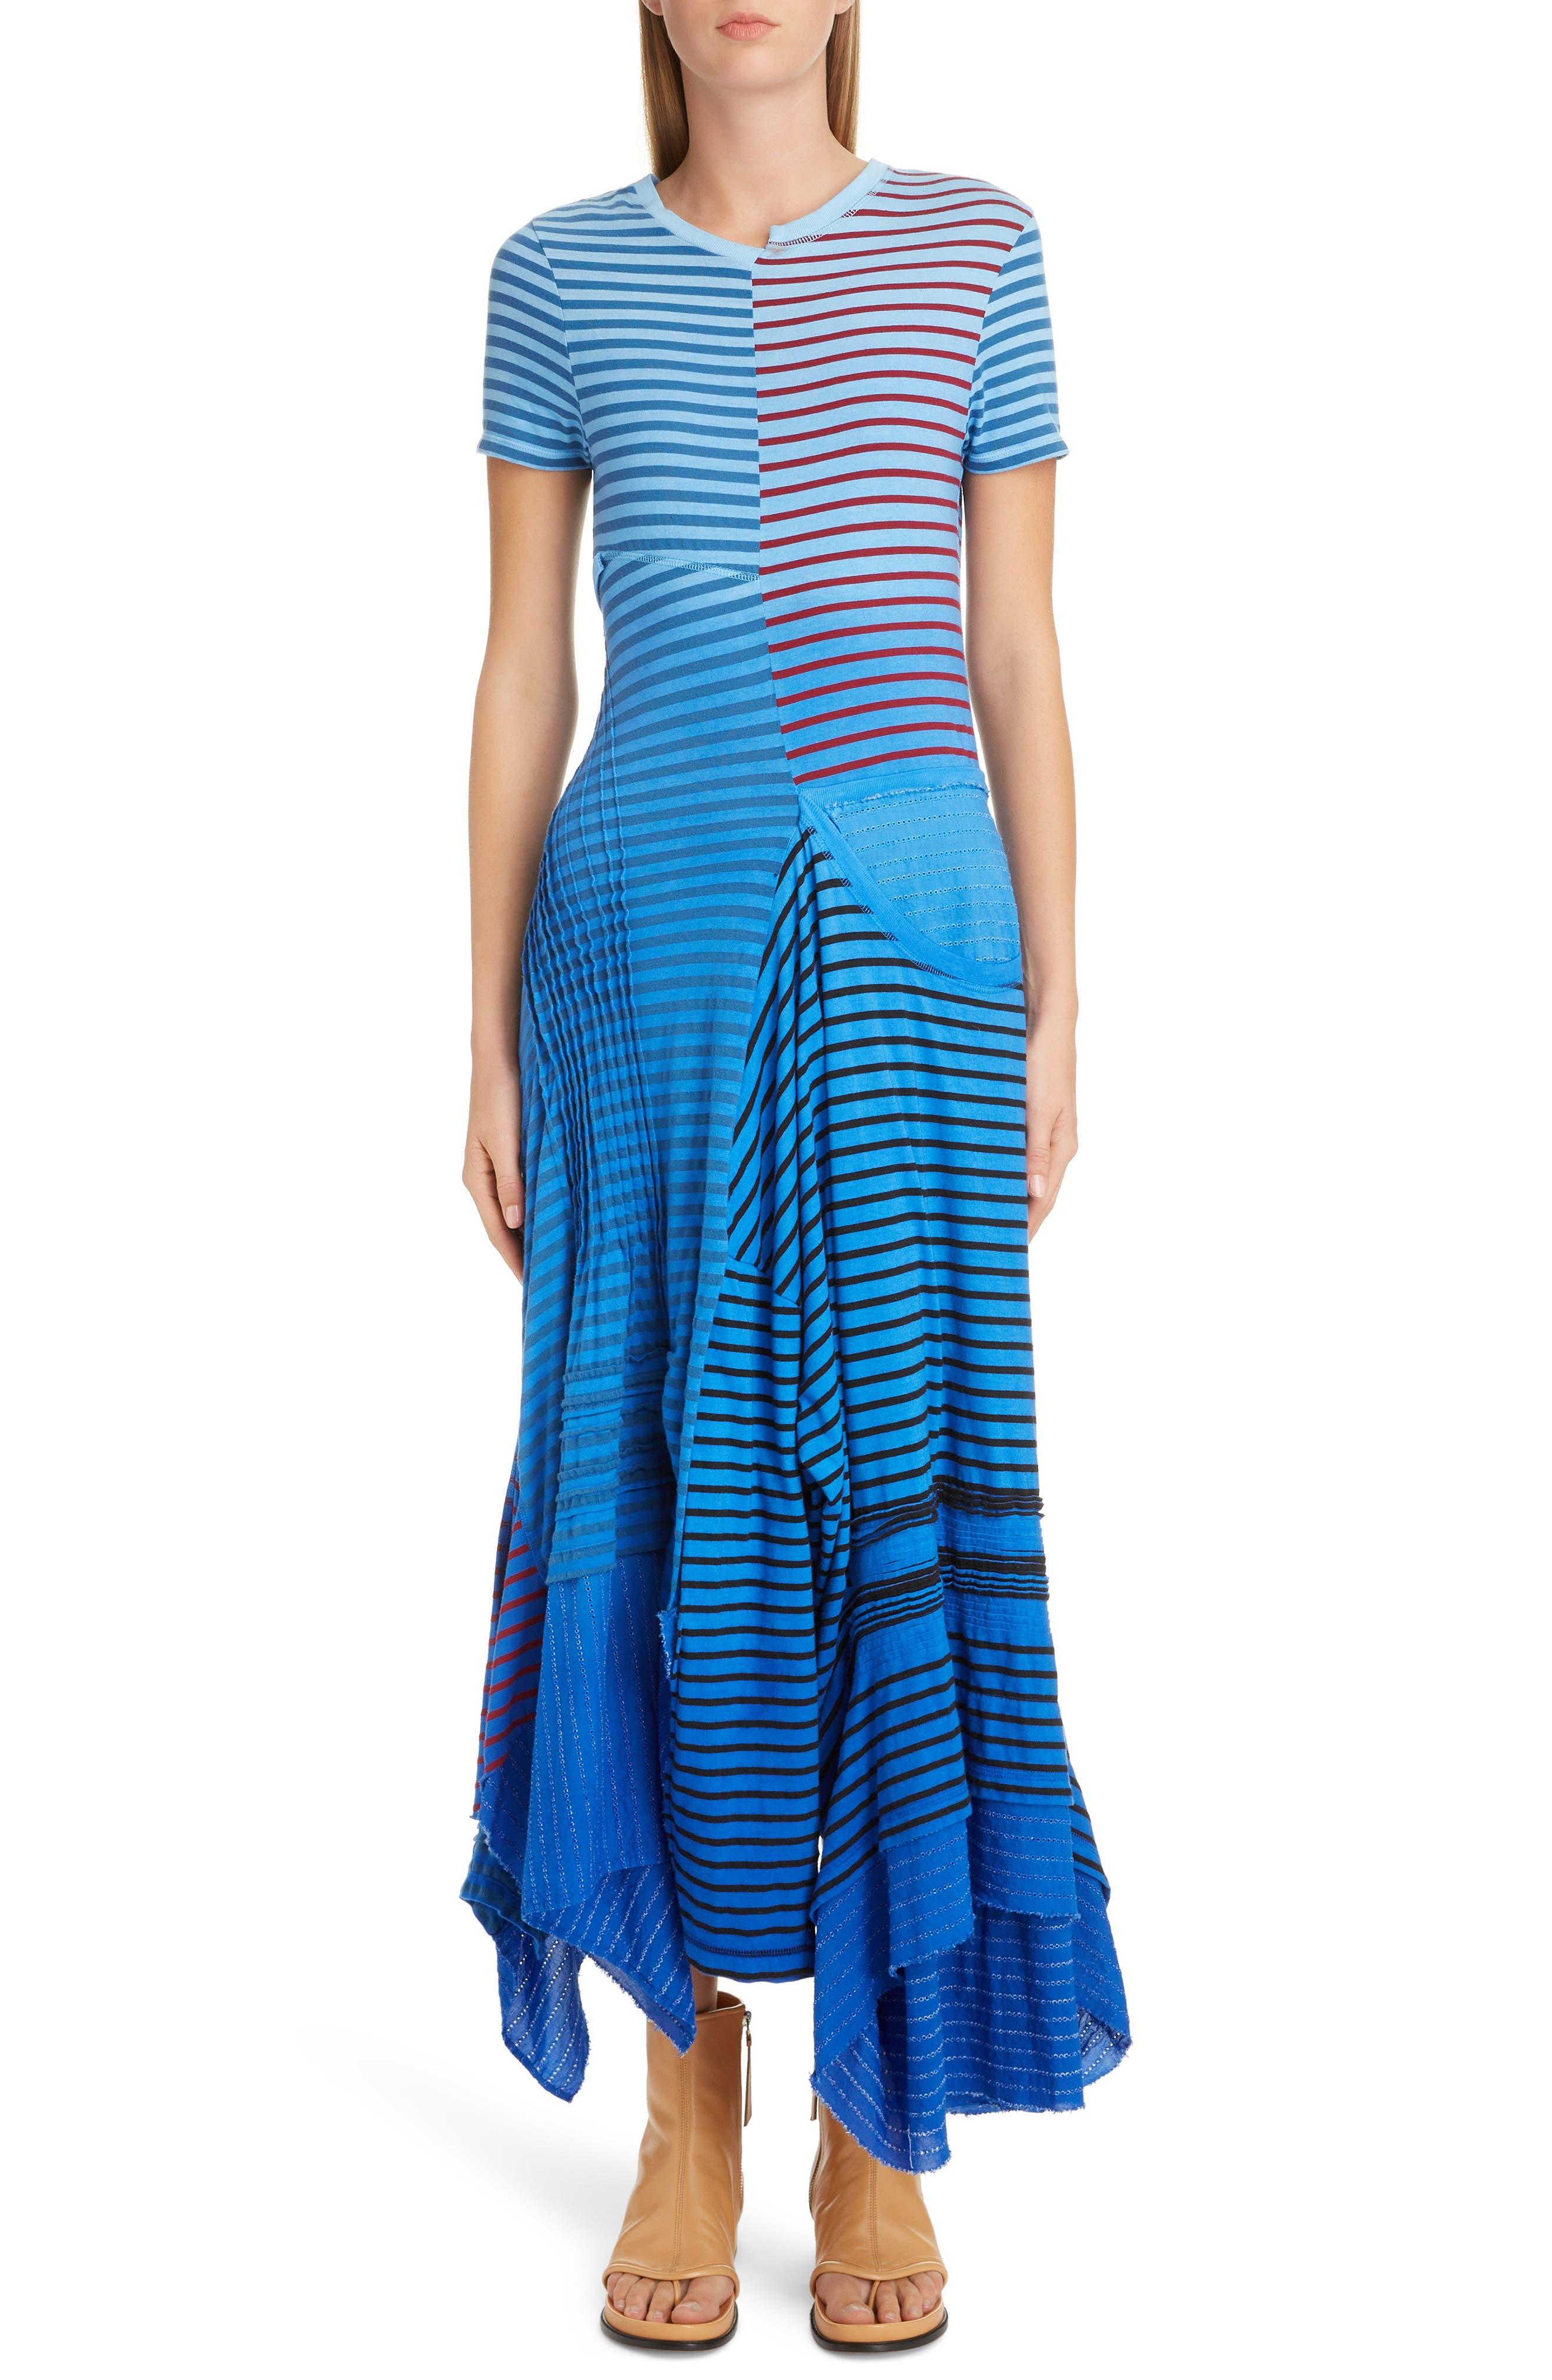 LOEWE,                             Stripe Tie Dye Asymmetrical Dress,                             Main thumbnail 1, color,                             5100 BLUE